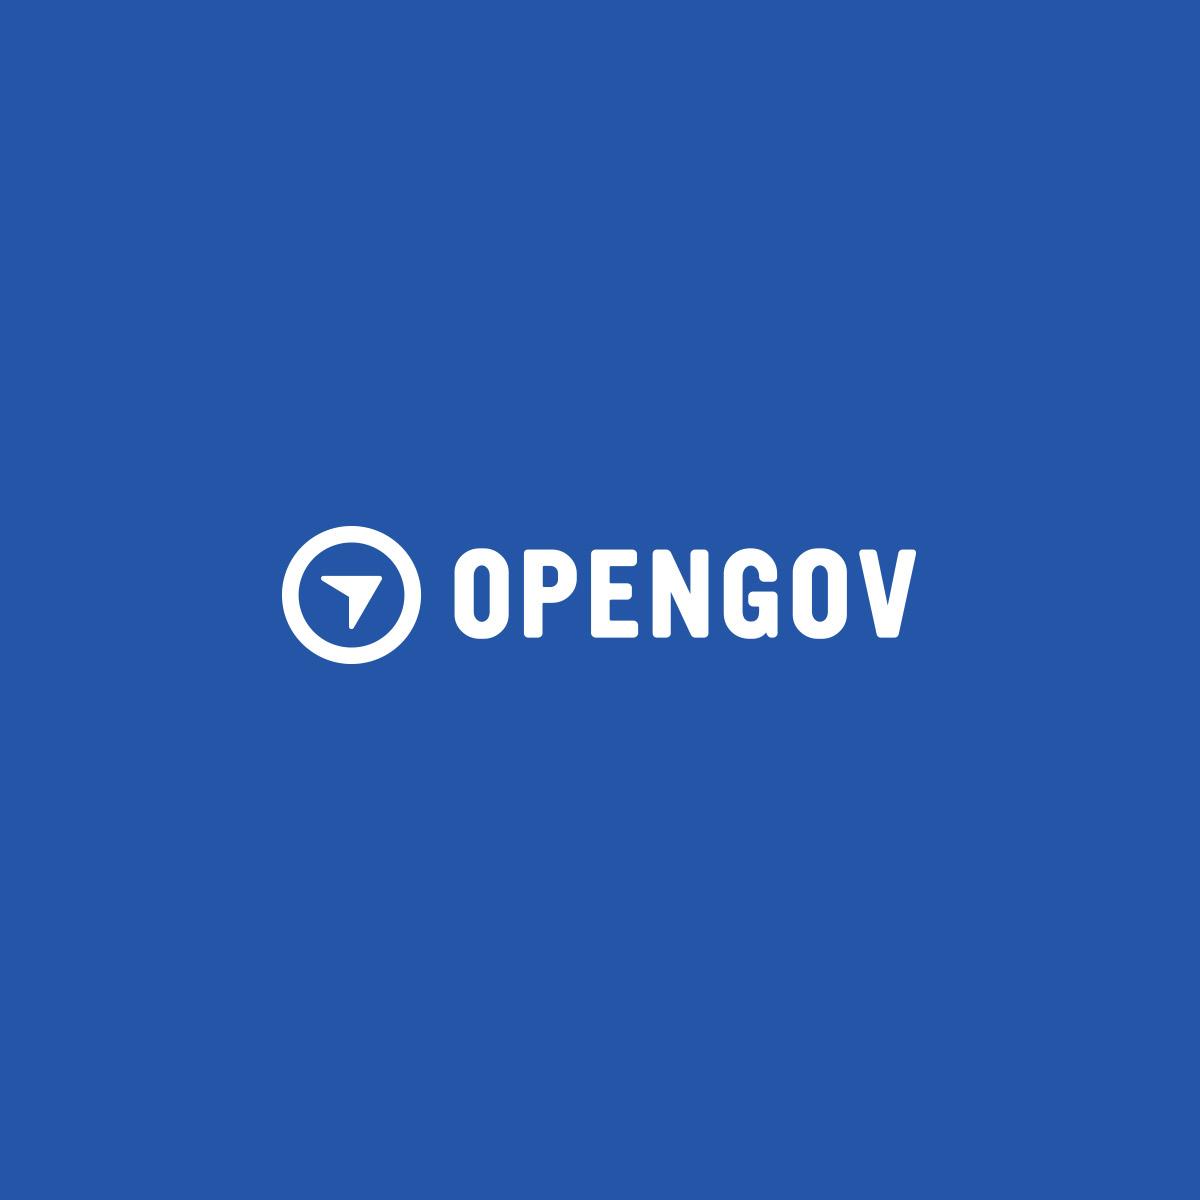 opengov.jpg